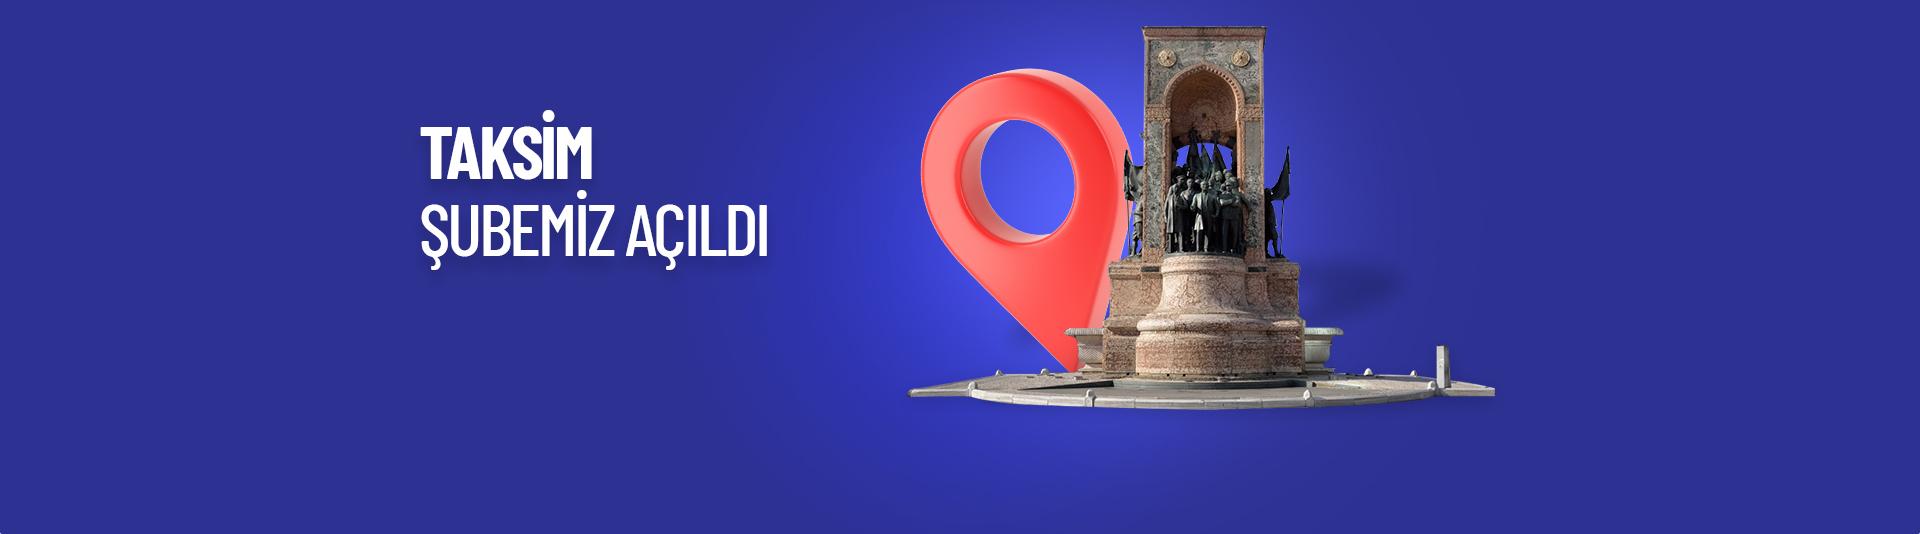 Rent Go   Türkiye'nin Araç Kiralama Şirketi